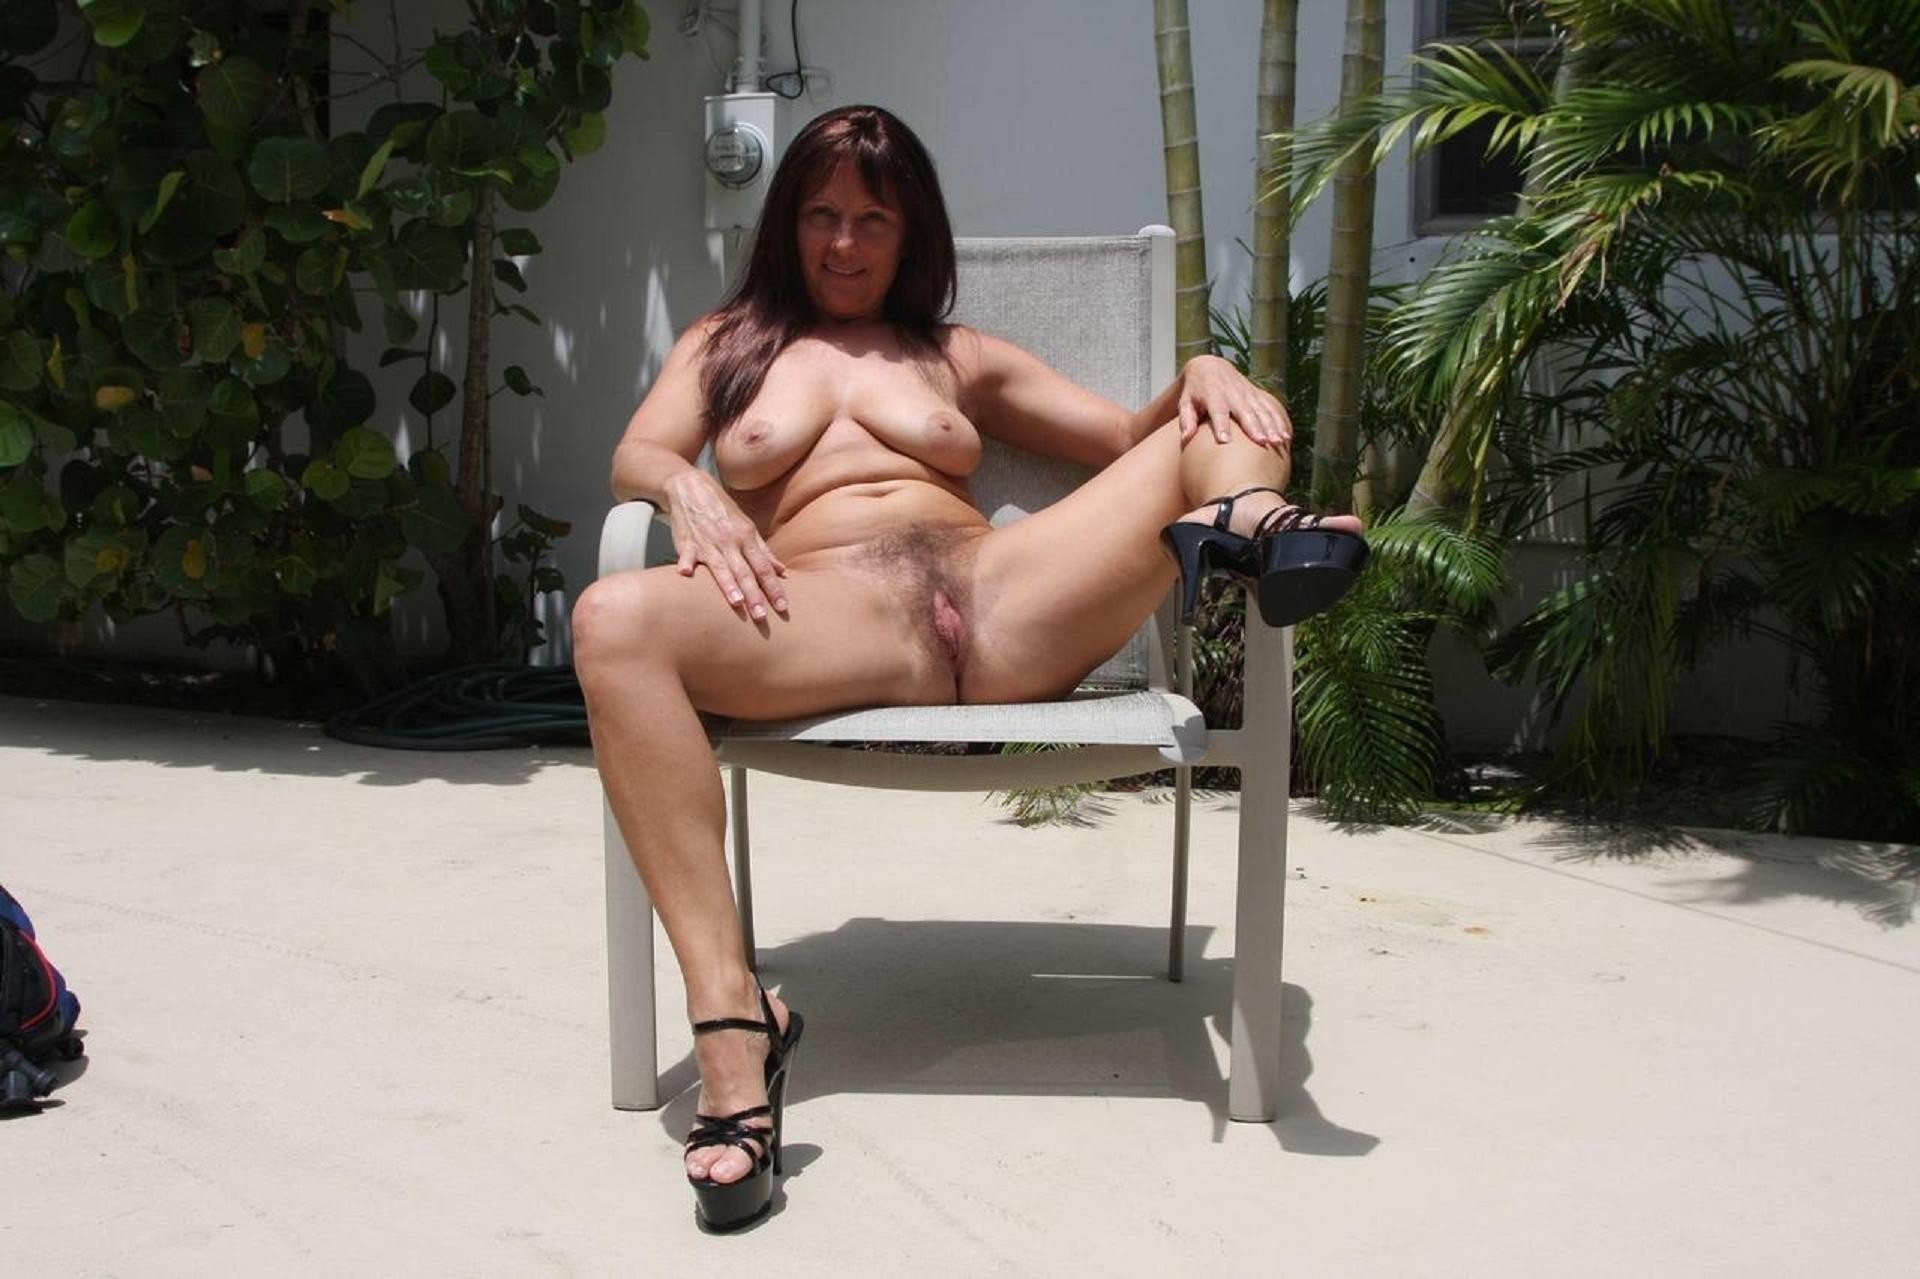 No leg woman porn pic — 14